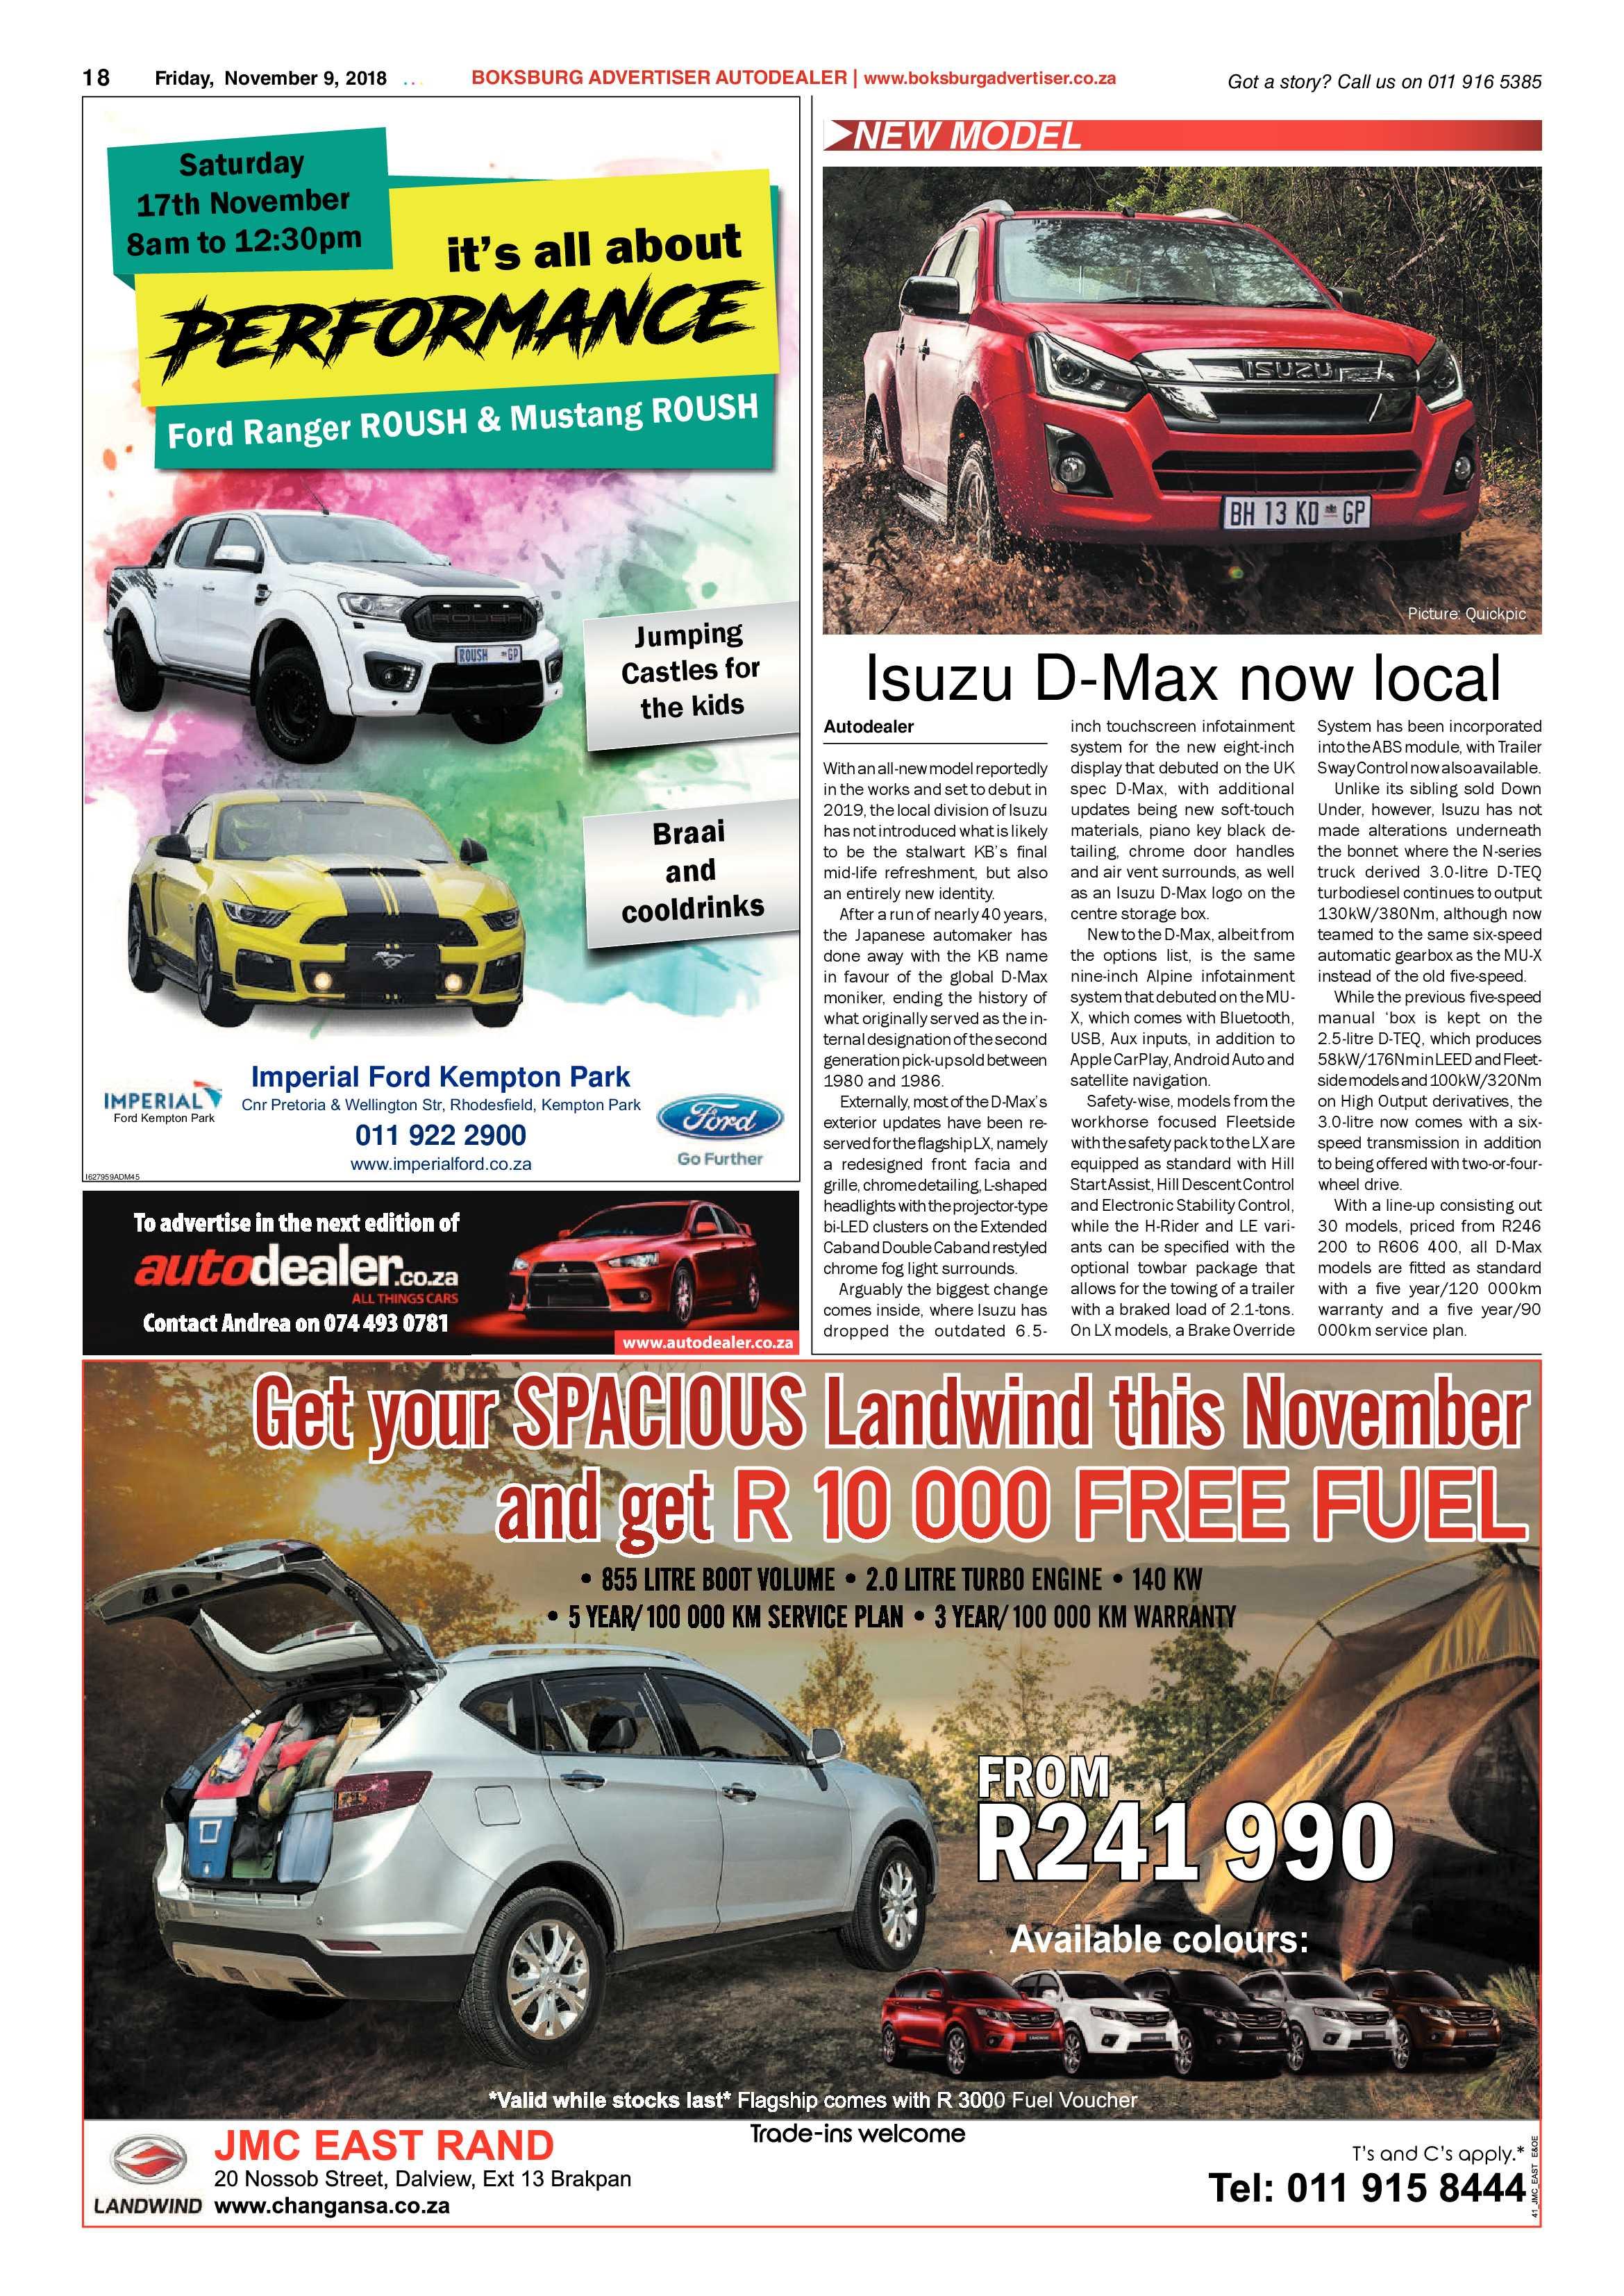 boksburg-advertiser-06-november-2018-epapers-page-18